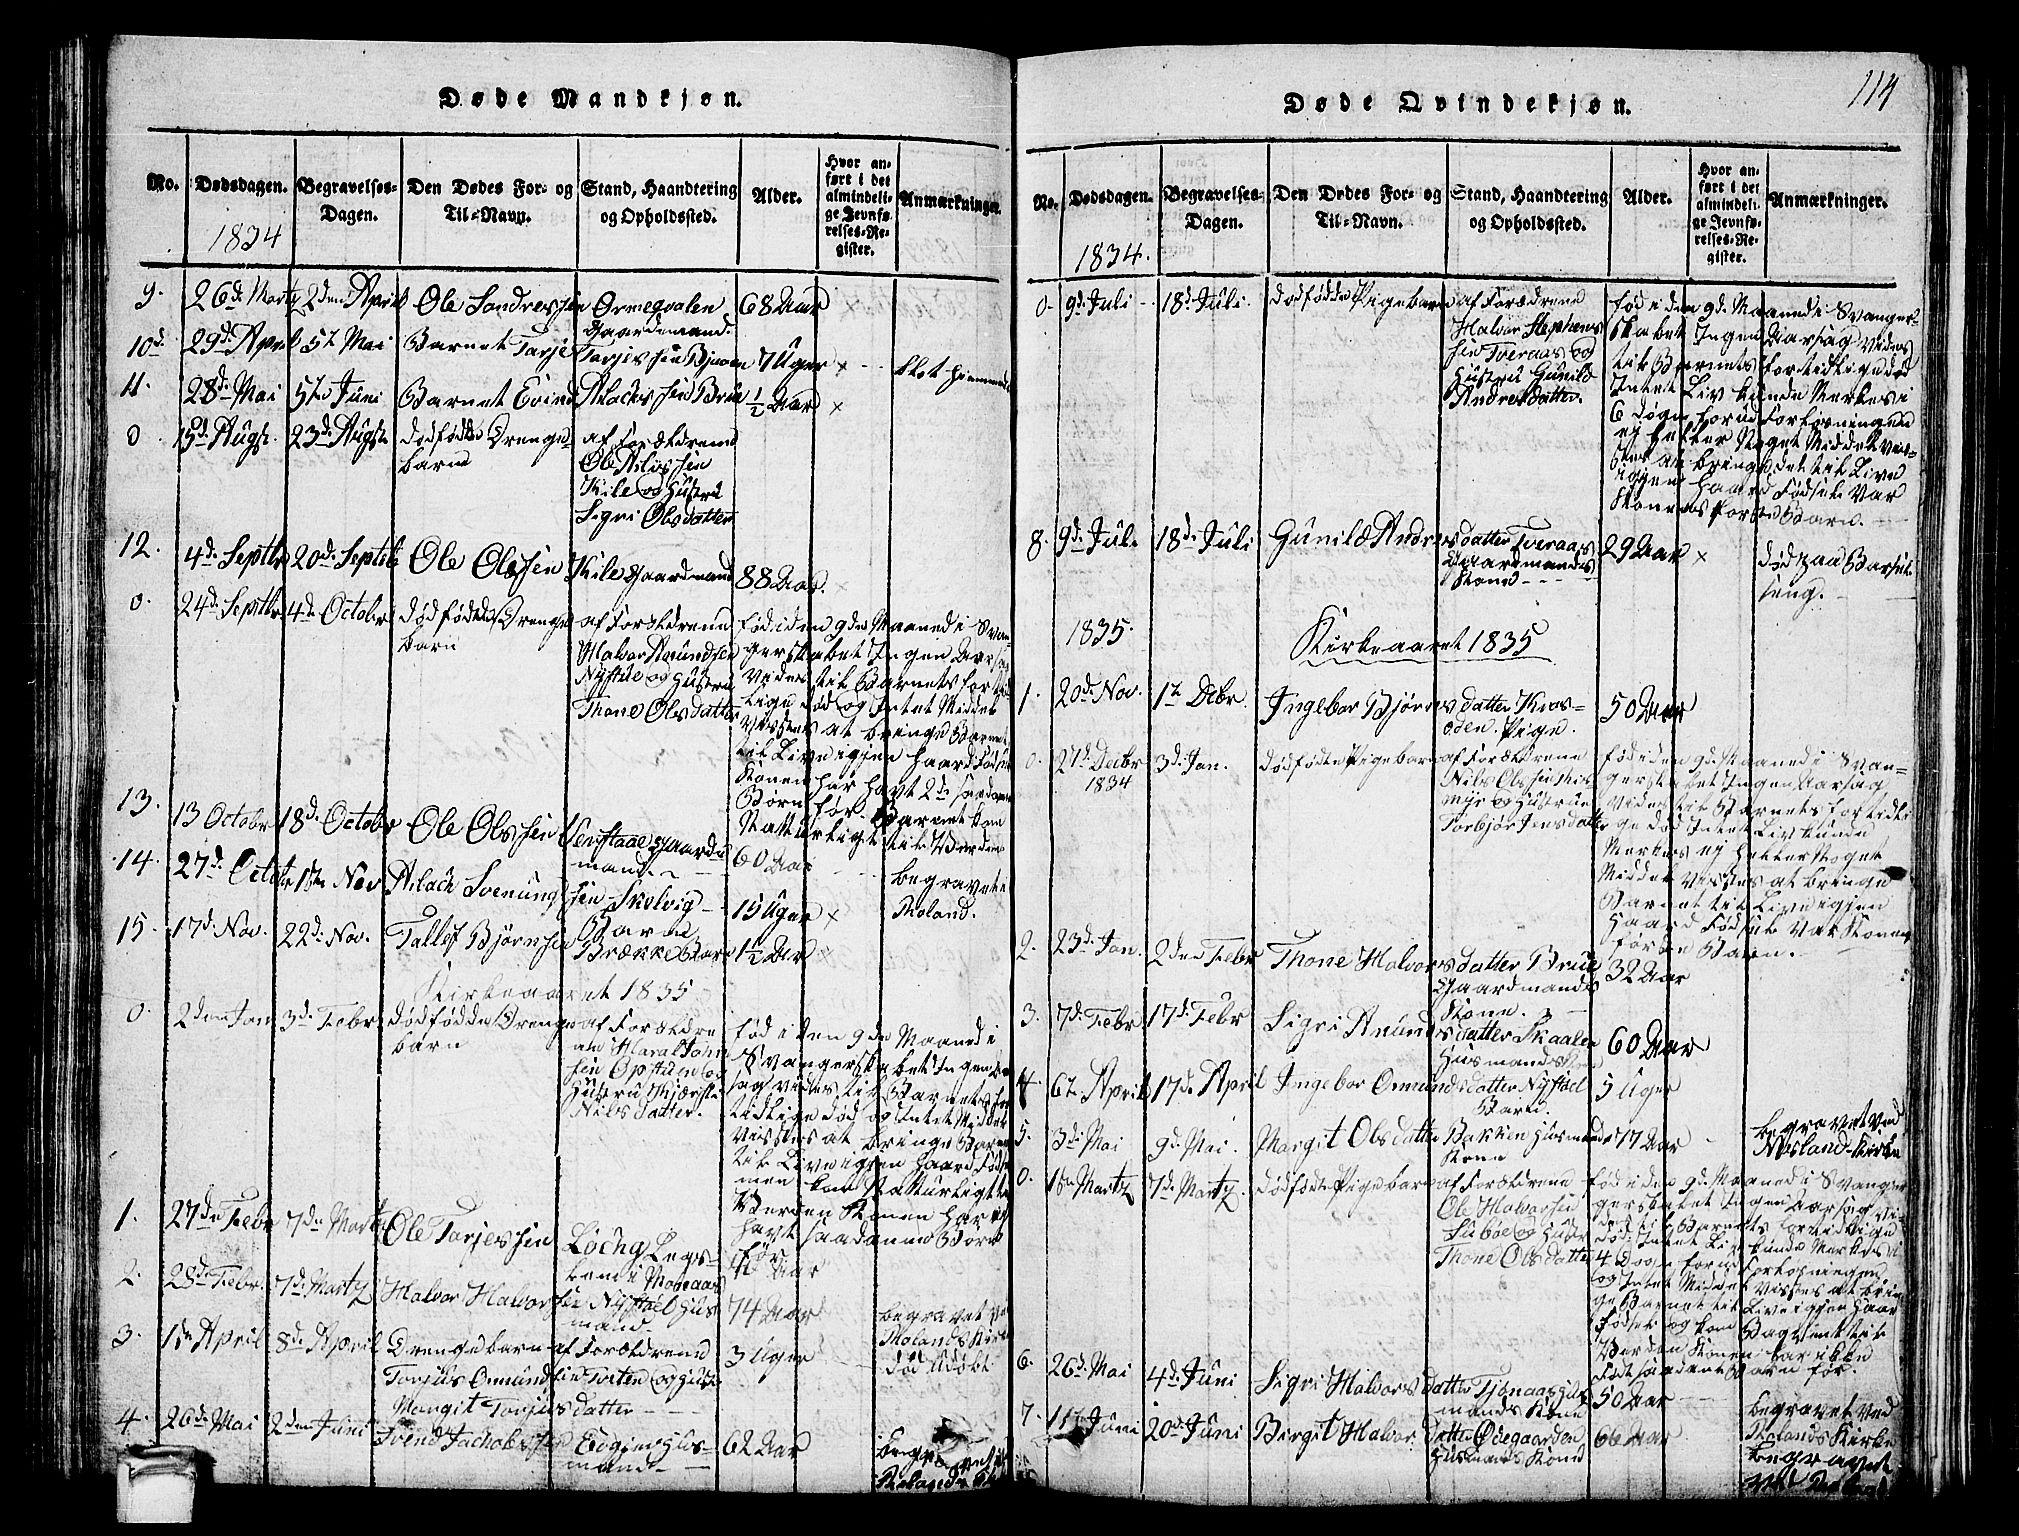 SAKO, Vinje kirkebøker, G/Ga/L0001: Klokkerbok nr. I 1, 1814-1843, s. 114